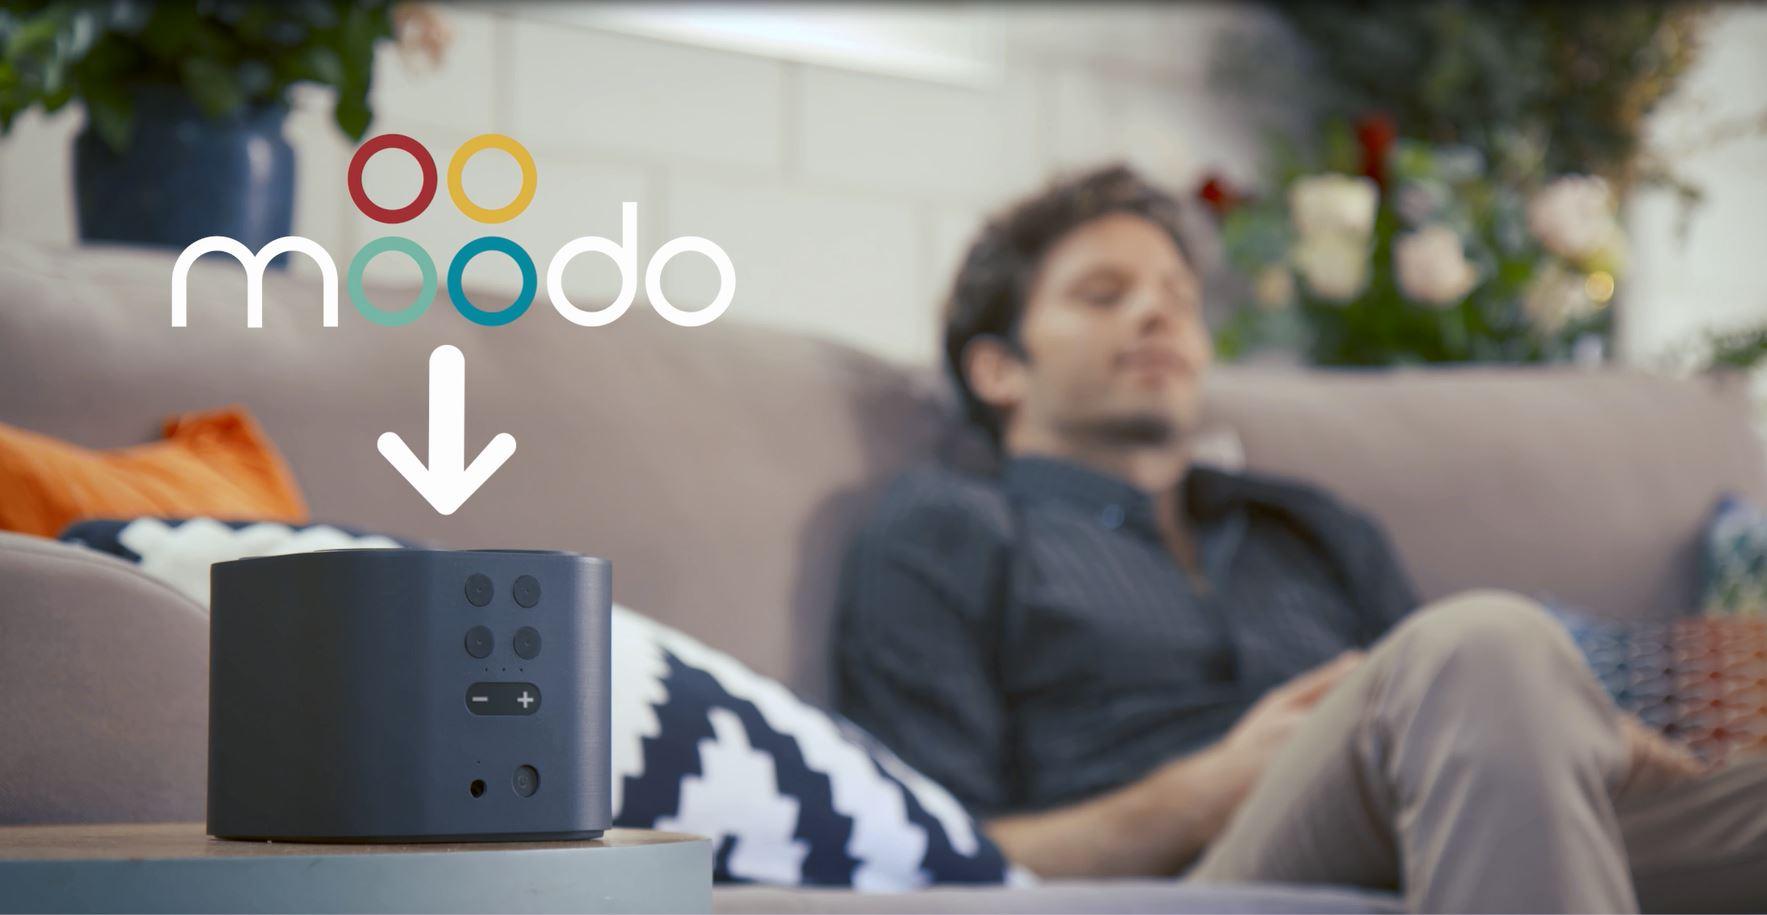 Moodo-smartes-Raumdeo-Raumuft - 2